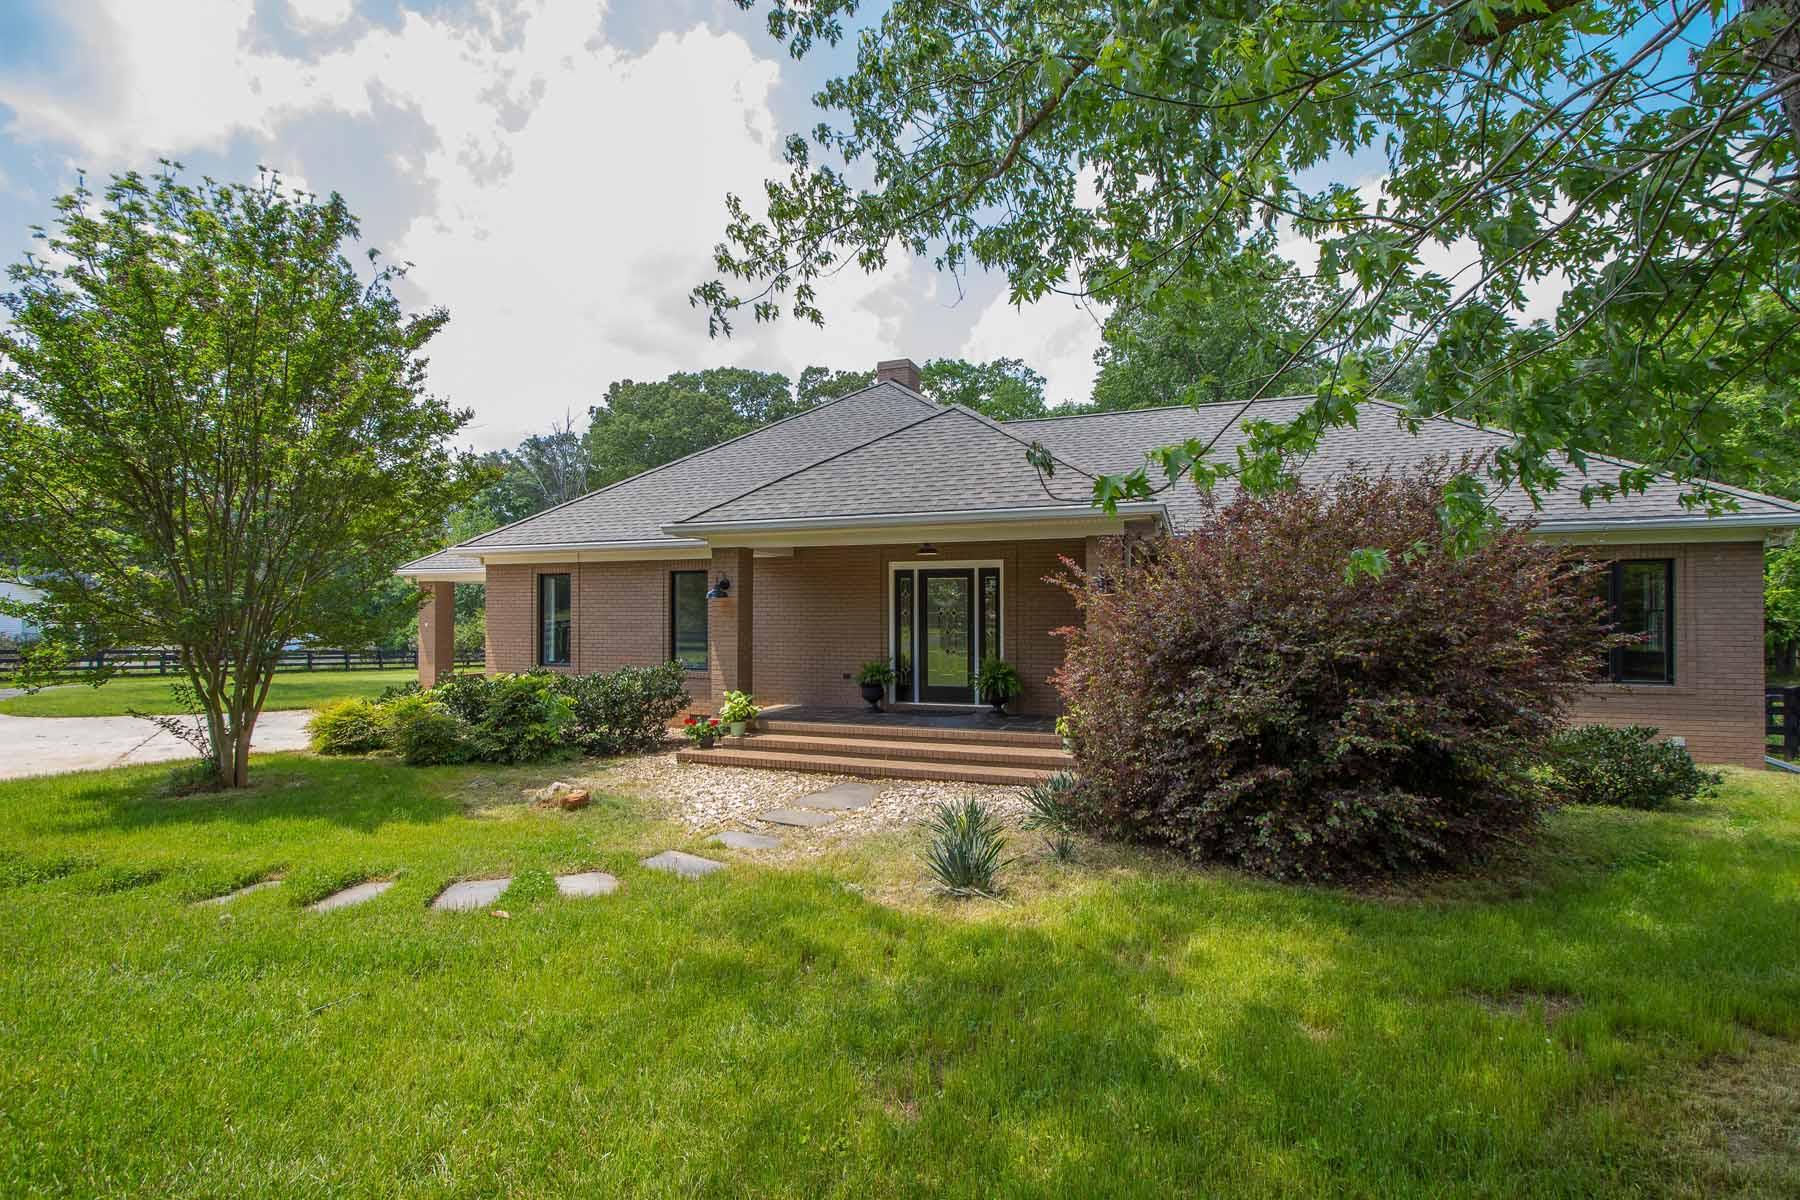 Single Family Home for Sale at Magnolia Farm 16175 Hopewell Road Milton, Georgia 30004 United States